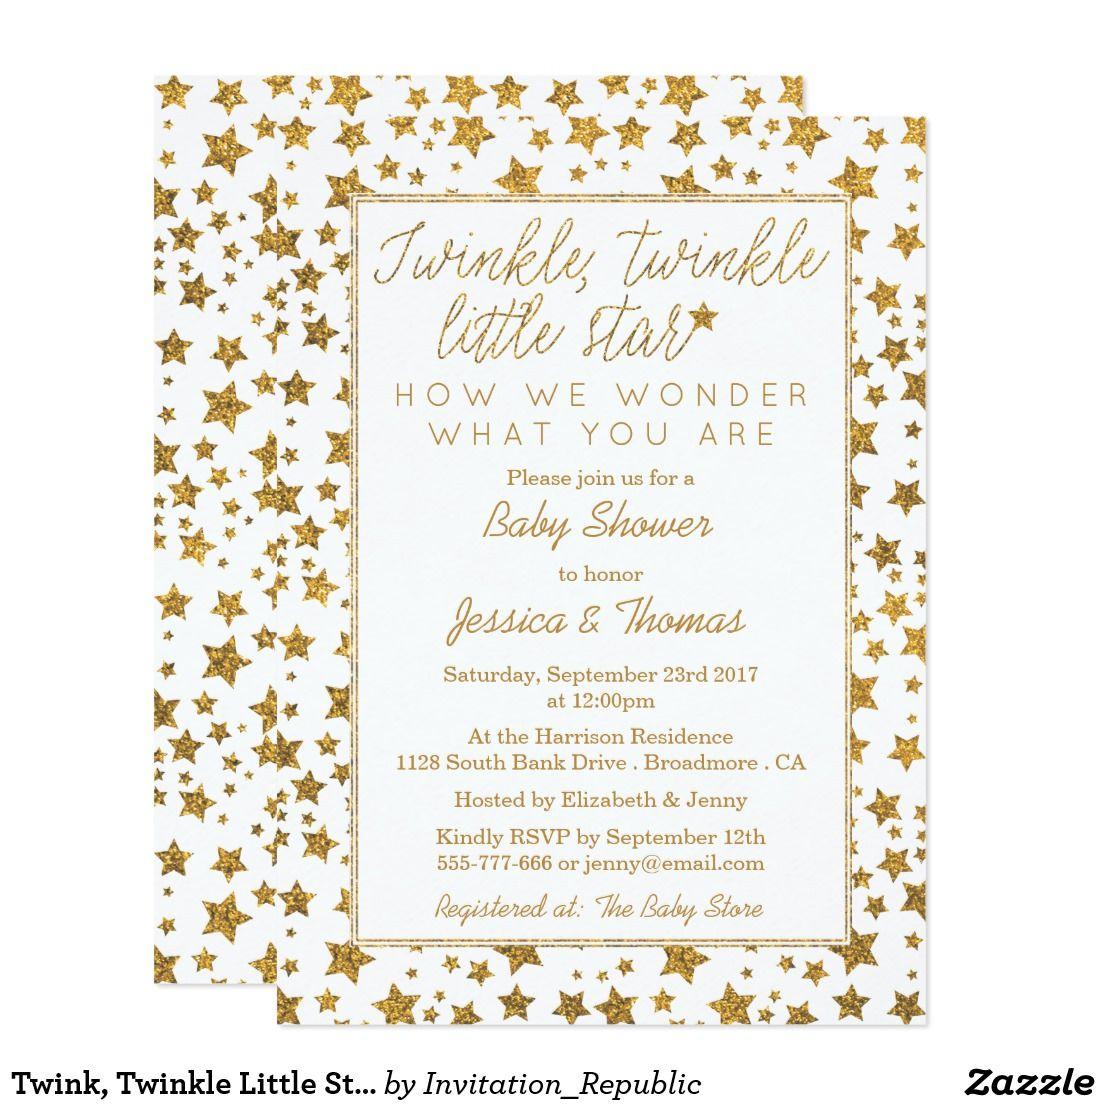 Twink, Twinkle Little Star Baby Shower Card Twink, Twinkle Little ...